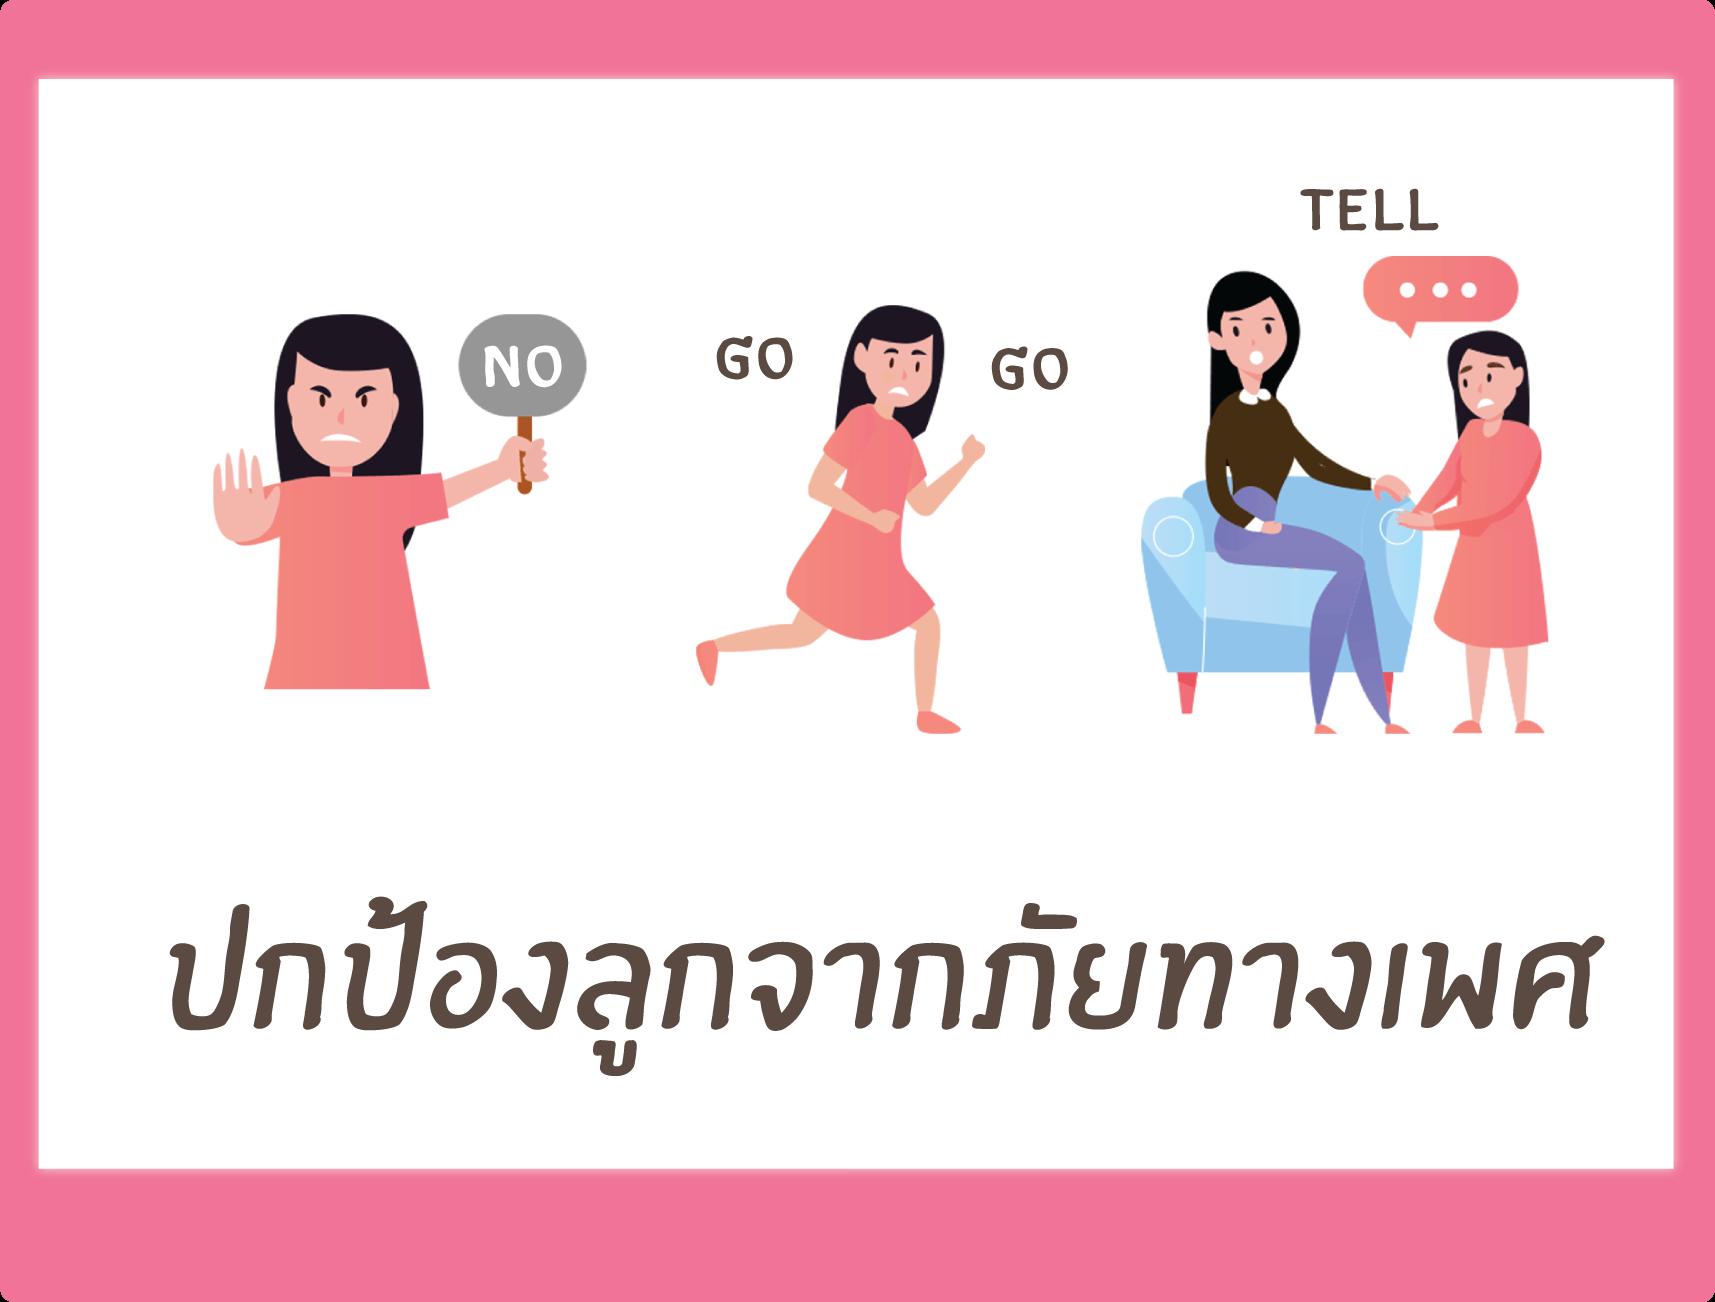 Info graphic ปกป้องลูกจากภัยทางเพศ